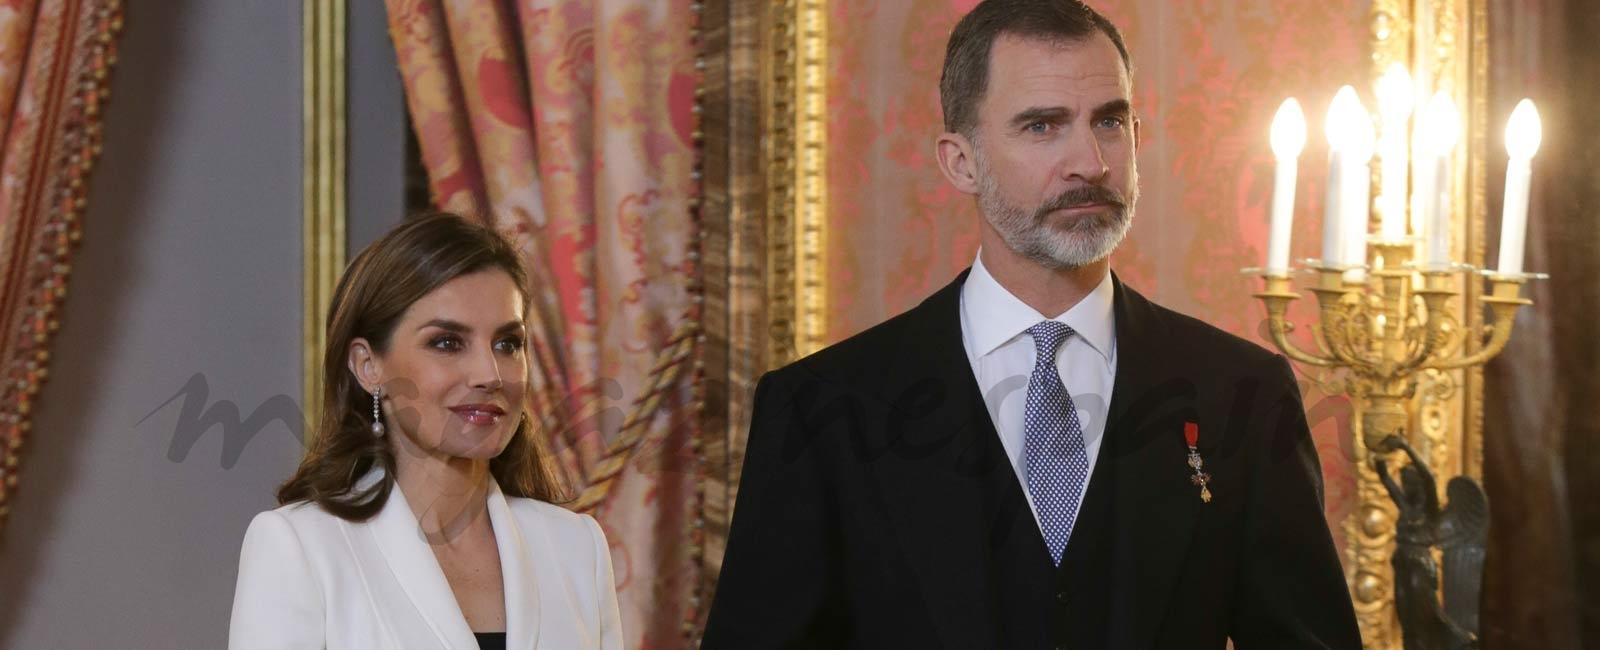 Los Reyes de España presiden la tradicional recepción al Cuerpo Diplomático